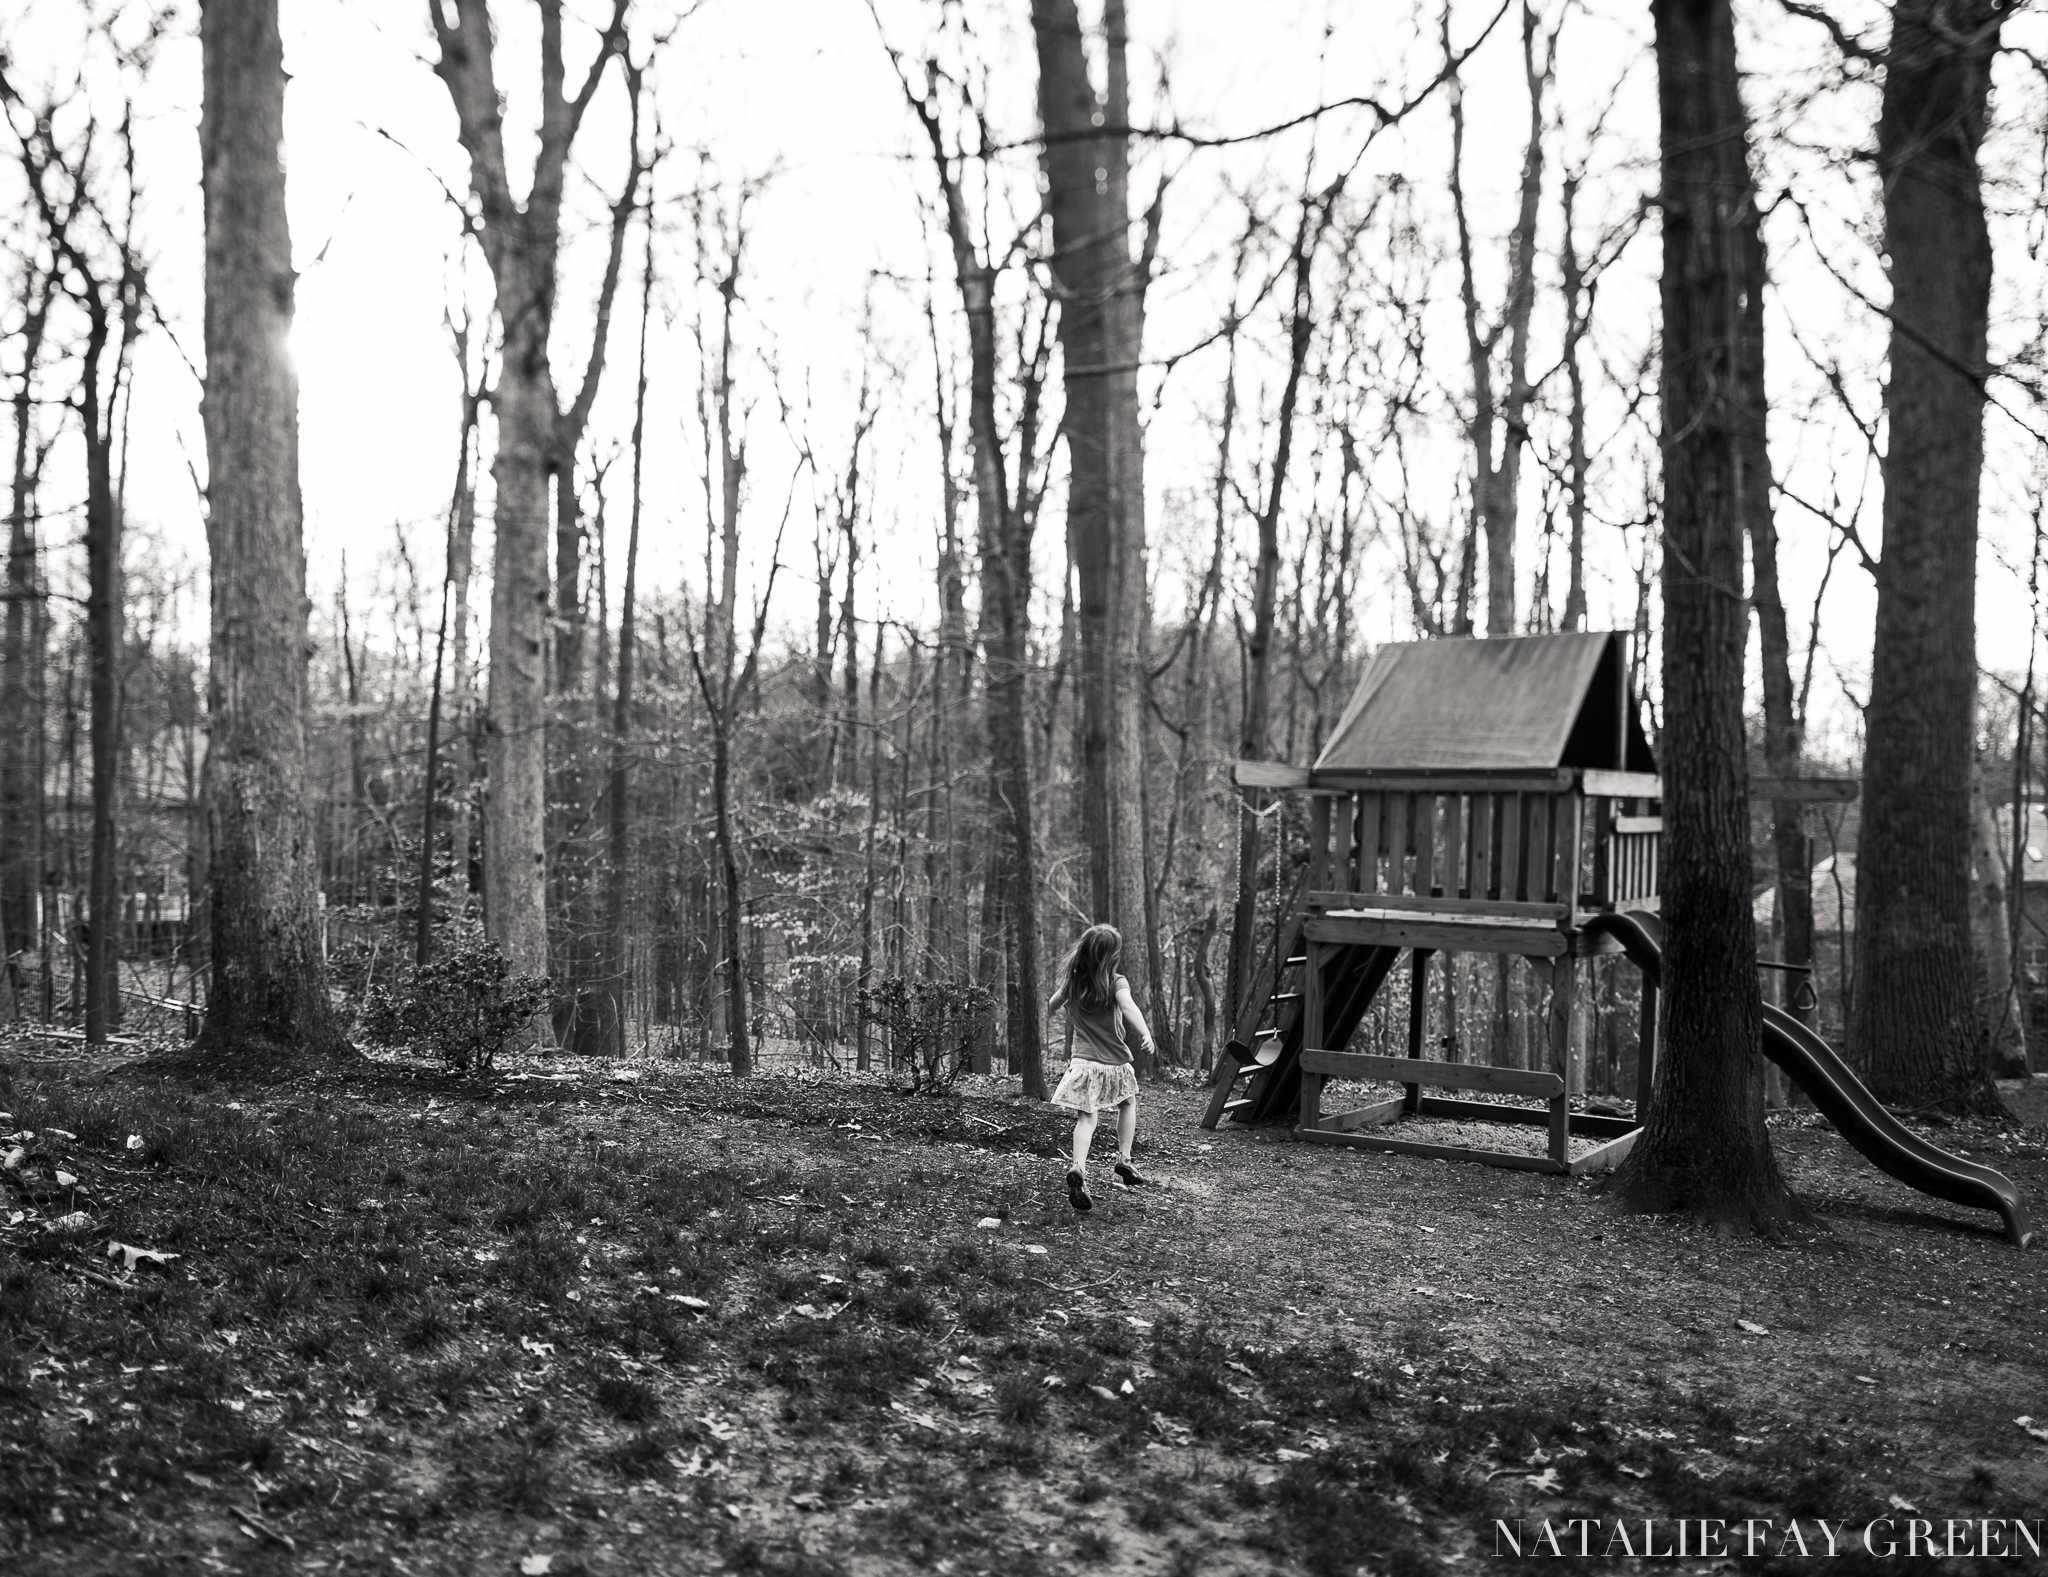 Girl running towards swings